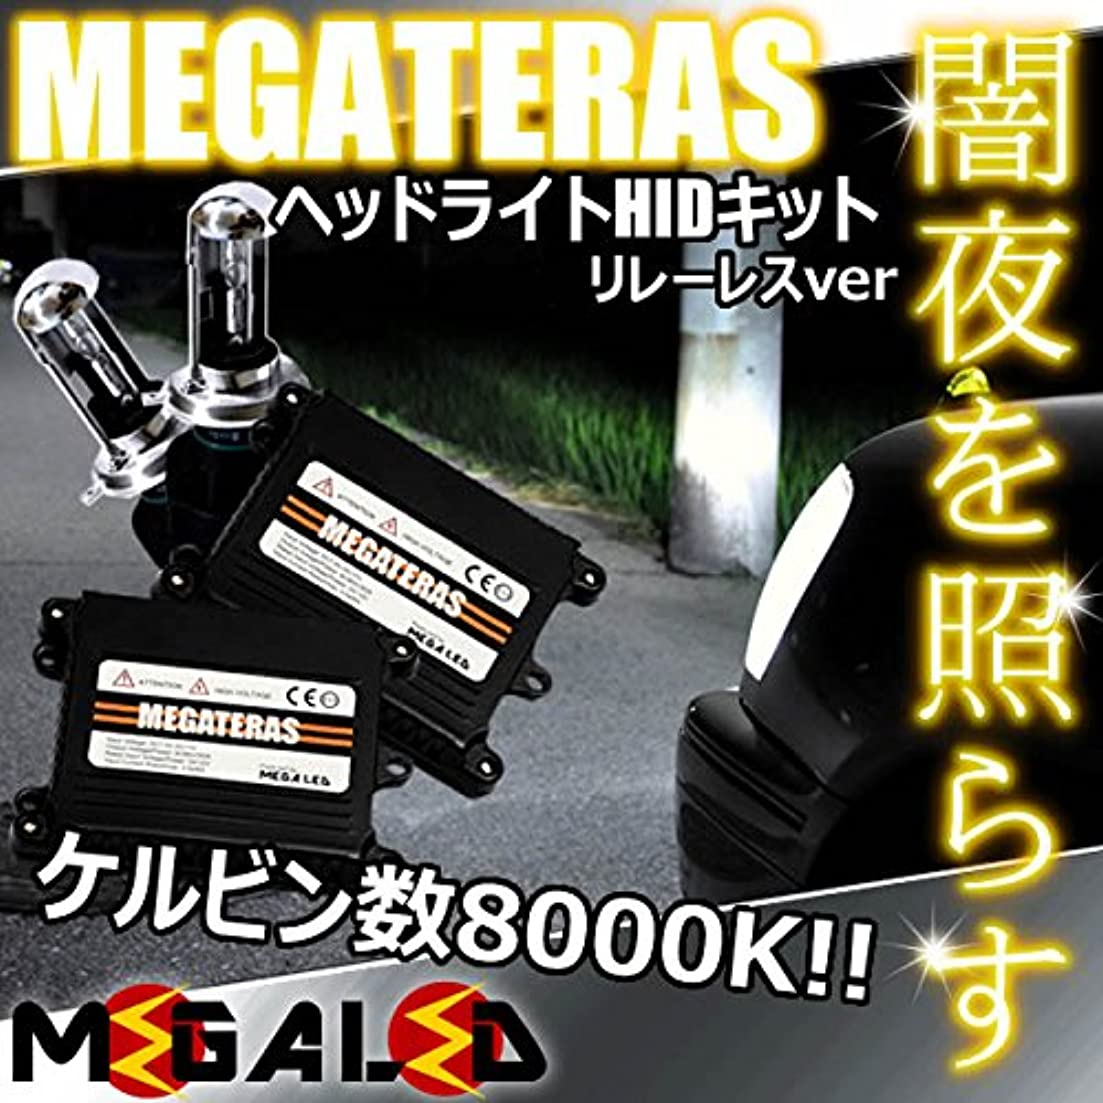 悪性絶滅させる法令MEGATERAS H4Hi/Lowスライド切替式 リレーレス配線付き ヘッドライト用HIDキット8000Kミライース LA300S系 310S系 対応【メガLED】